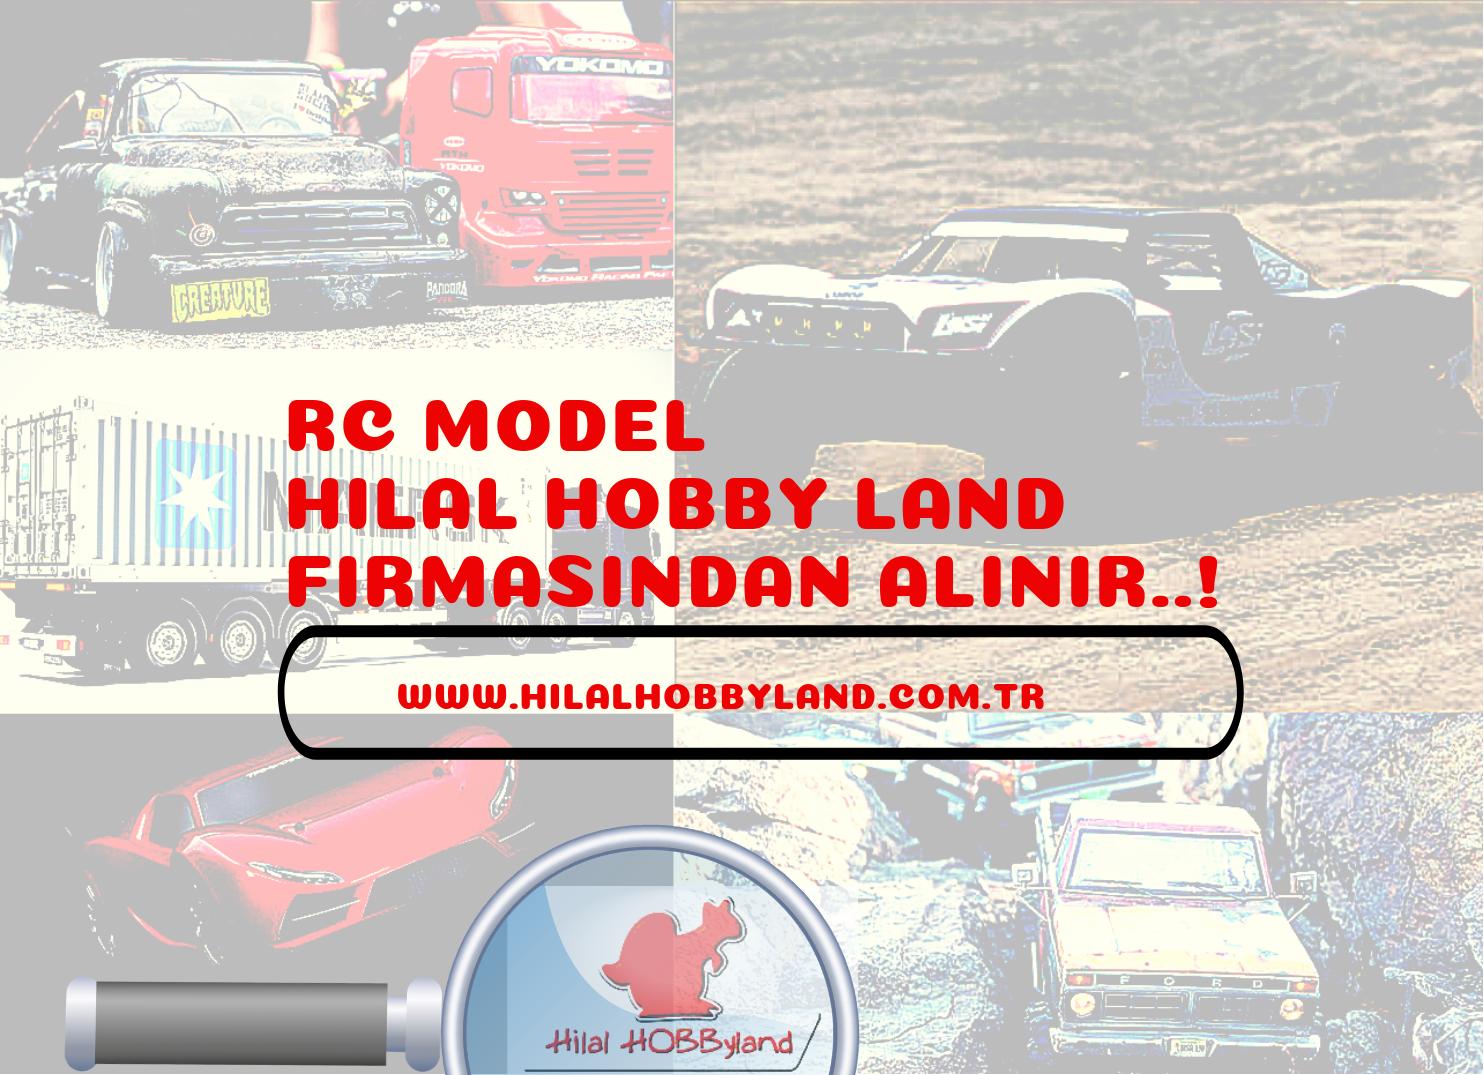 Hilalhobbyland| RC Model buradan alınır !